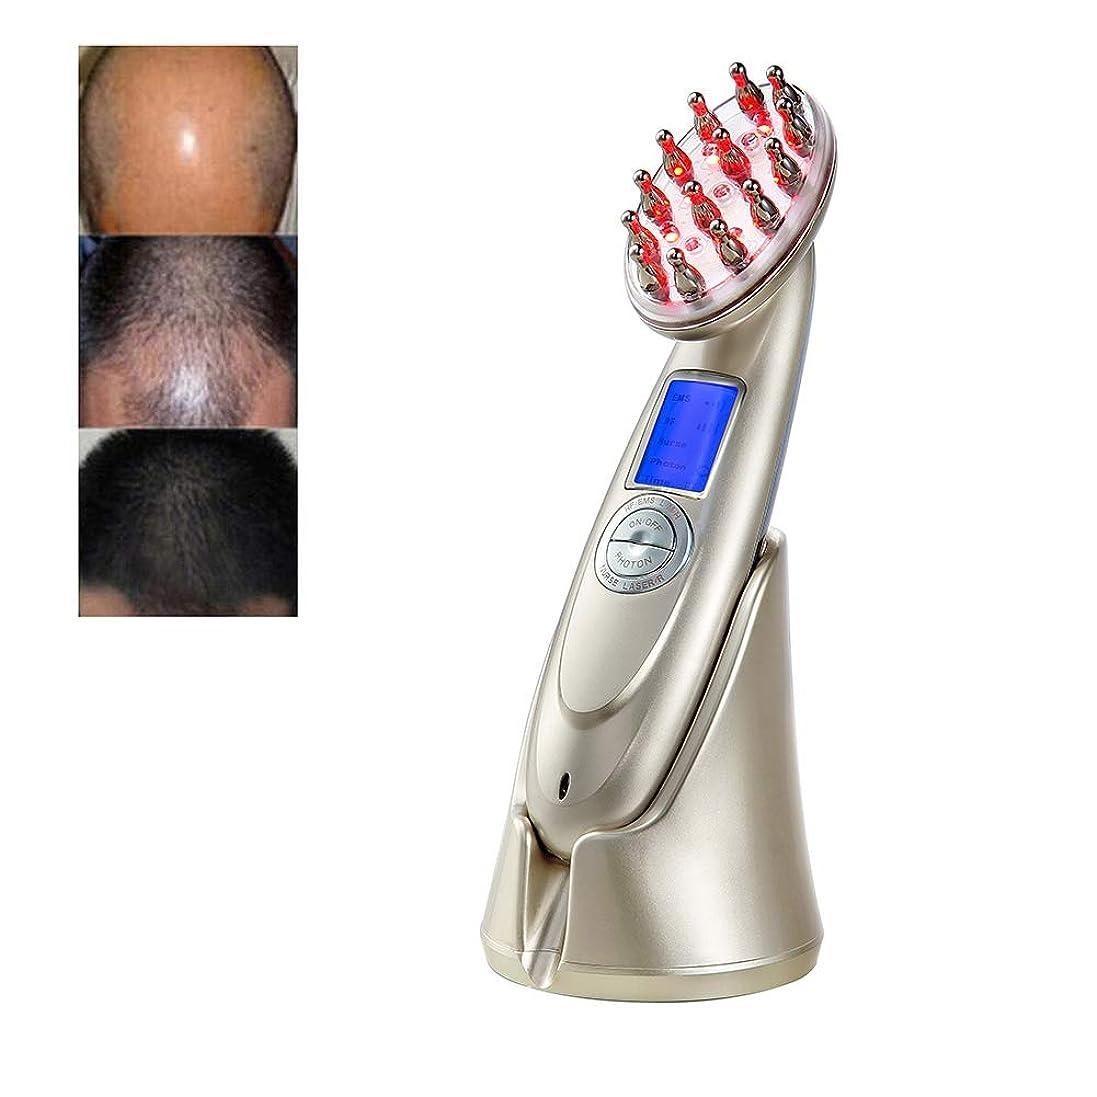 影響を受けやすいです批判的にパッド抗脱毛櫛 RF EMS ナース LED 光子レーザー刺激発毛ブラシヘッド頭皮修復ヘアマッサージ美容くし